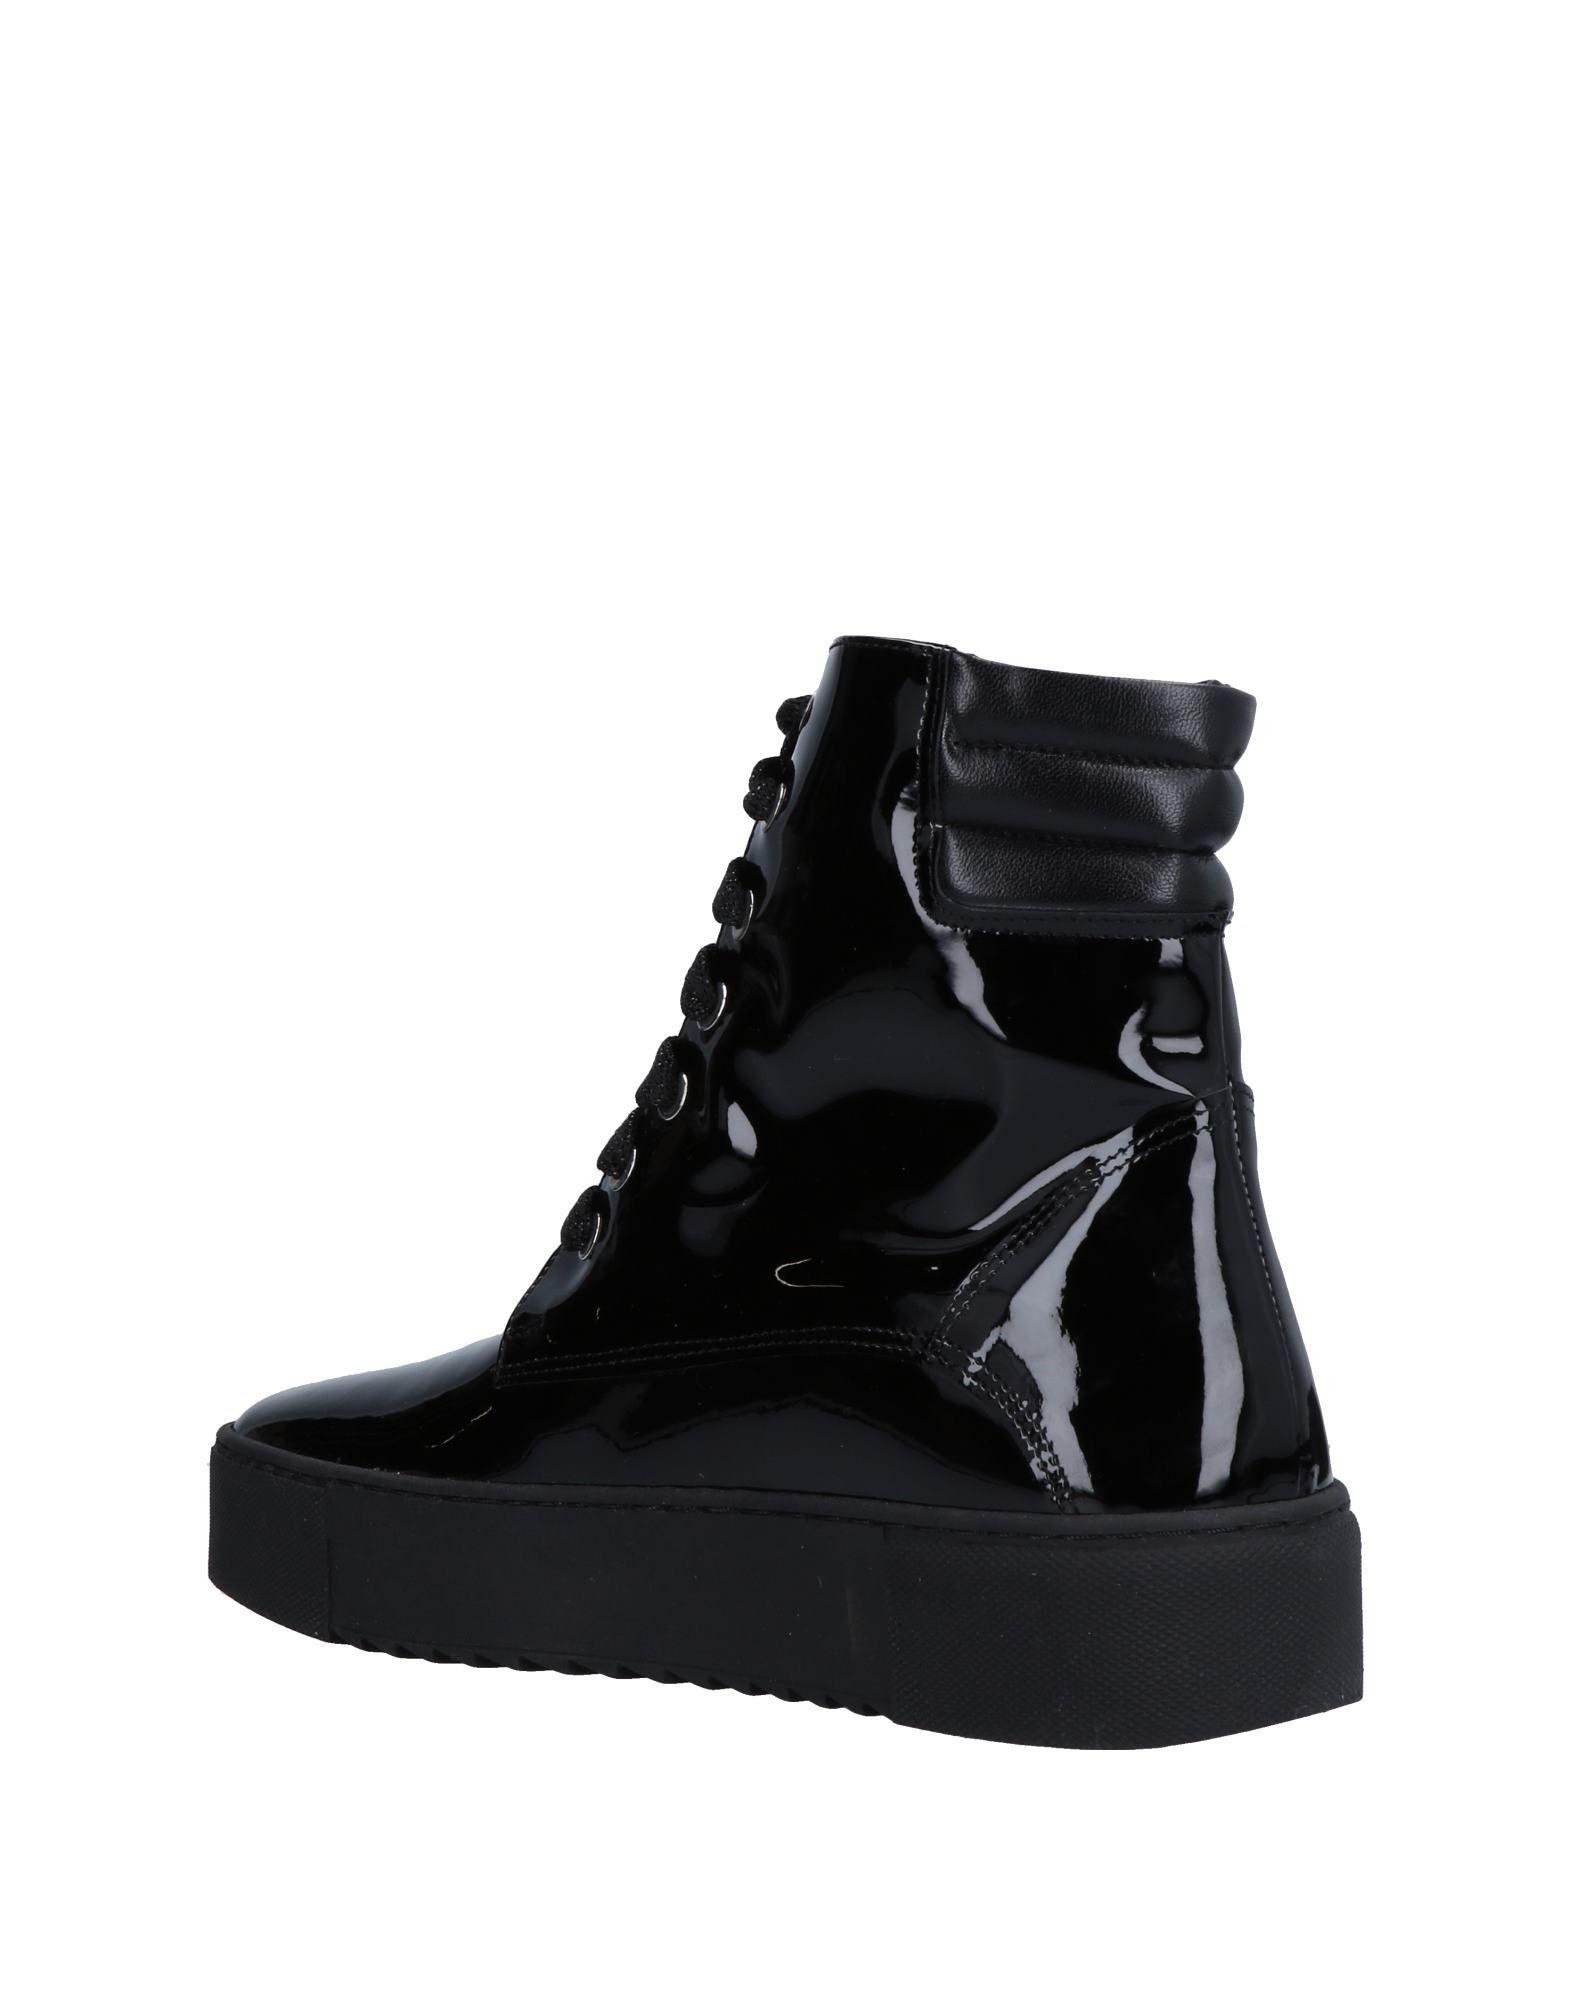 Naiko Sneakers es Damen Gutes Preis-Leistungs-Verhältnis, es Sneakers lohnt sich 2833 945a87